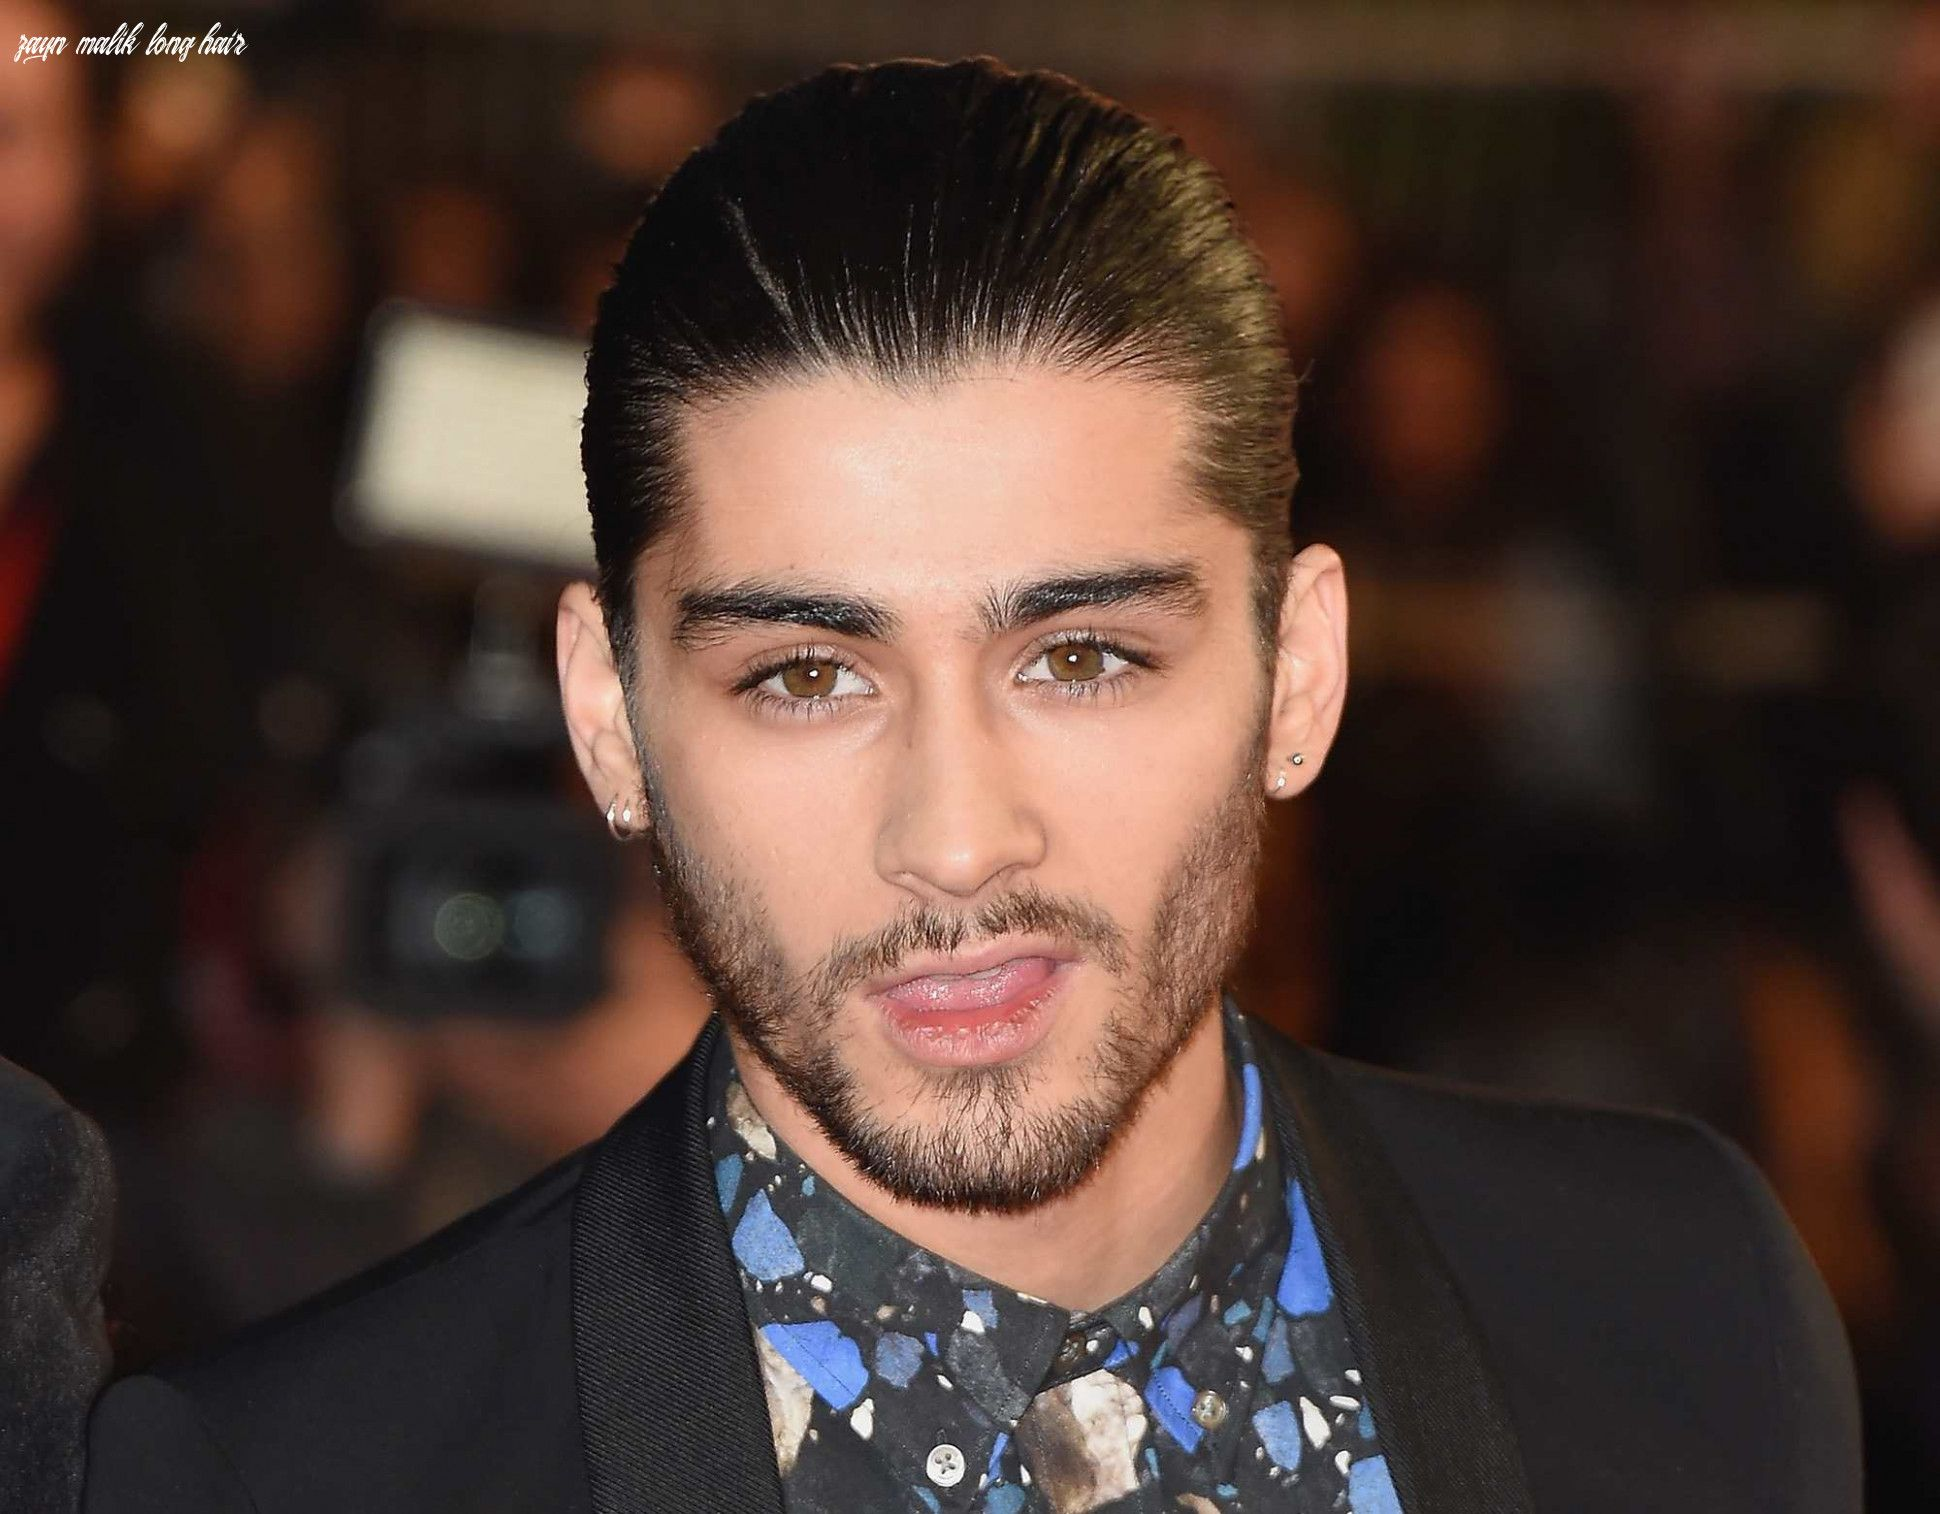 12 Zayn Malik Long Hair In 2020 Undercut Hairstyles Long Hair Styles Best Undercut Hairstyles